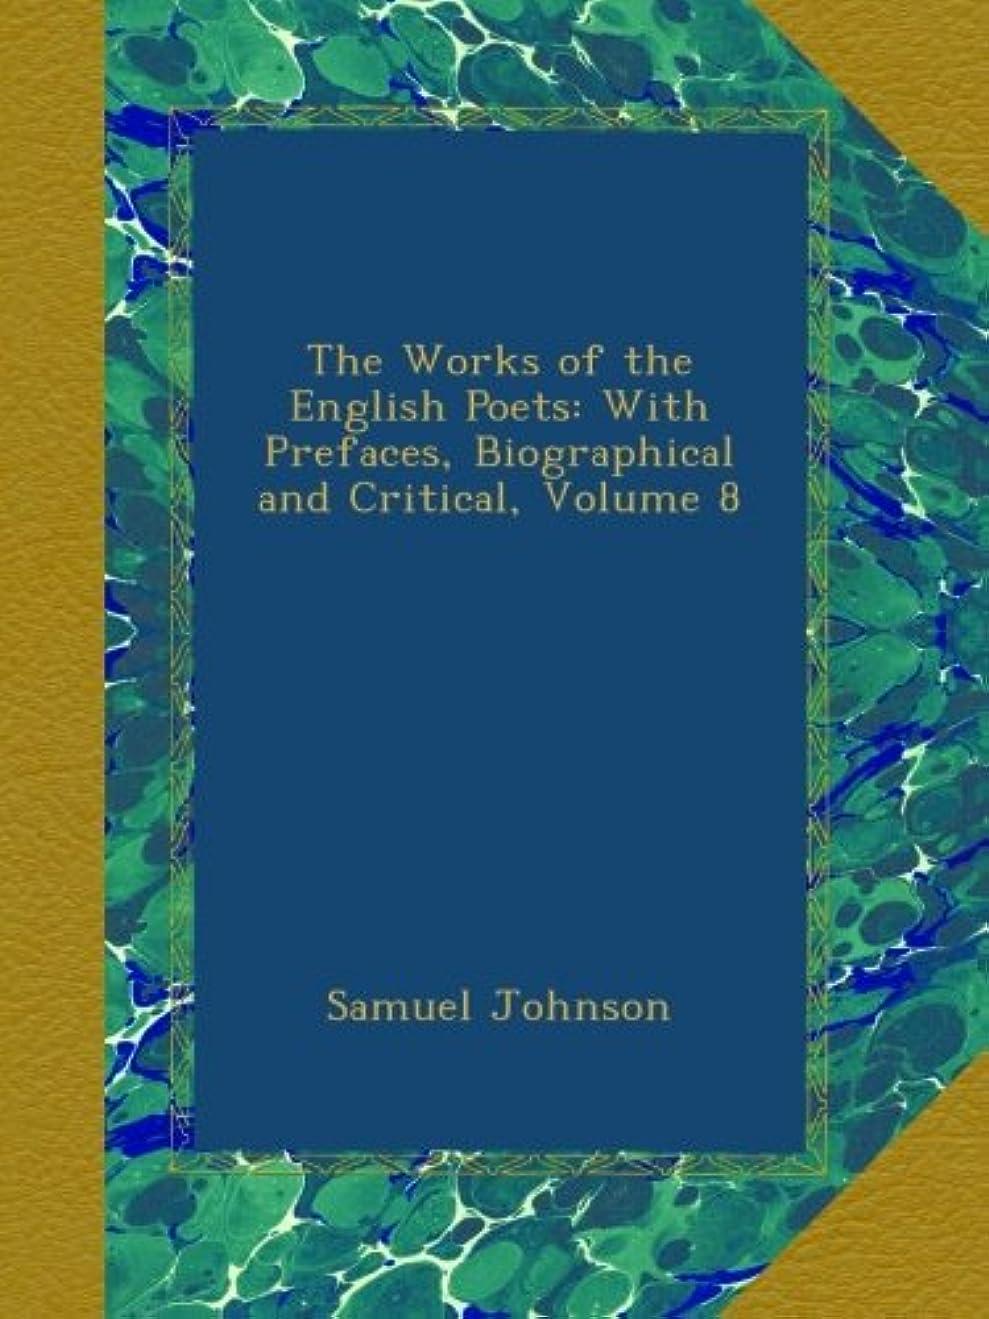 委員会椅子始まりThe Works of the English Poets: With Prefaces, Biographical and Critical, Volume 8